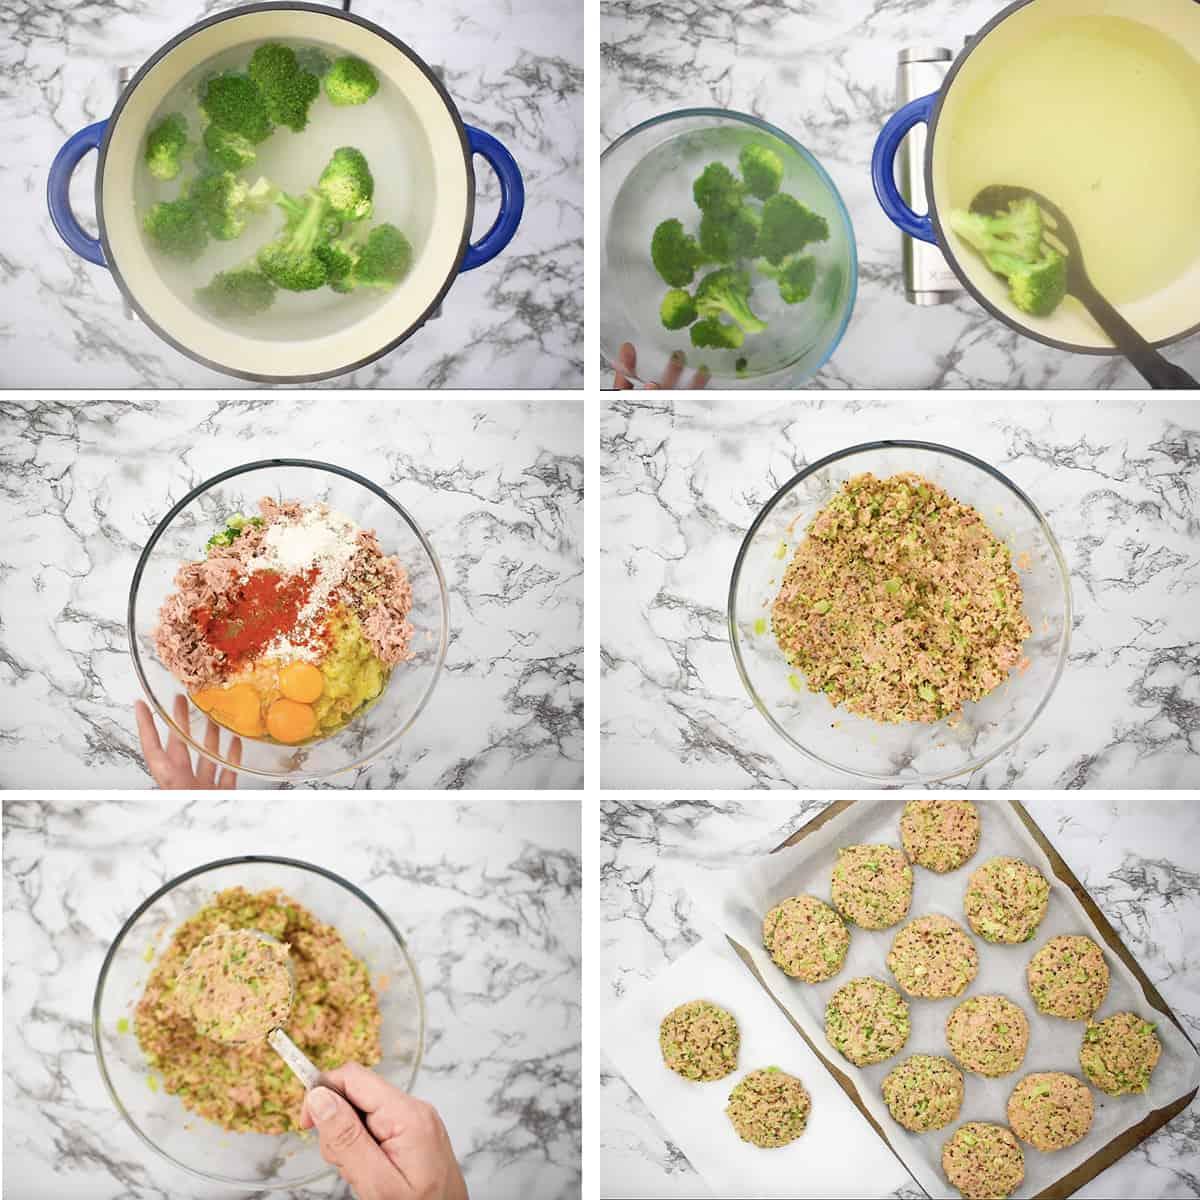 preparación paso a paso de torrejas de quinoa y atún